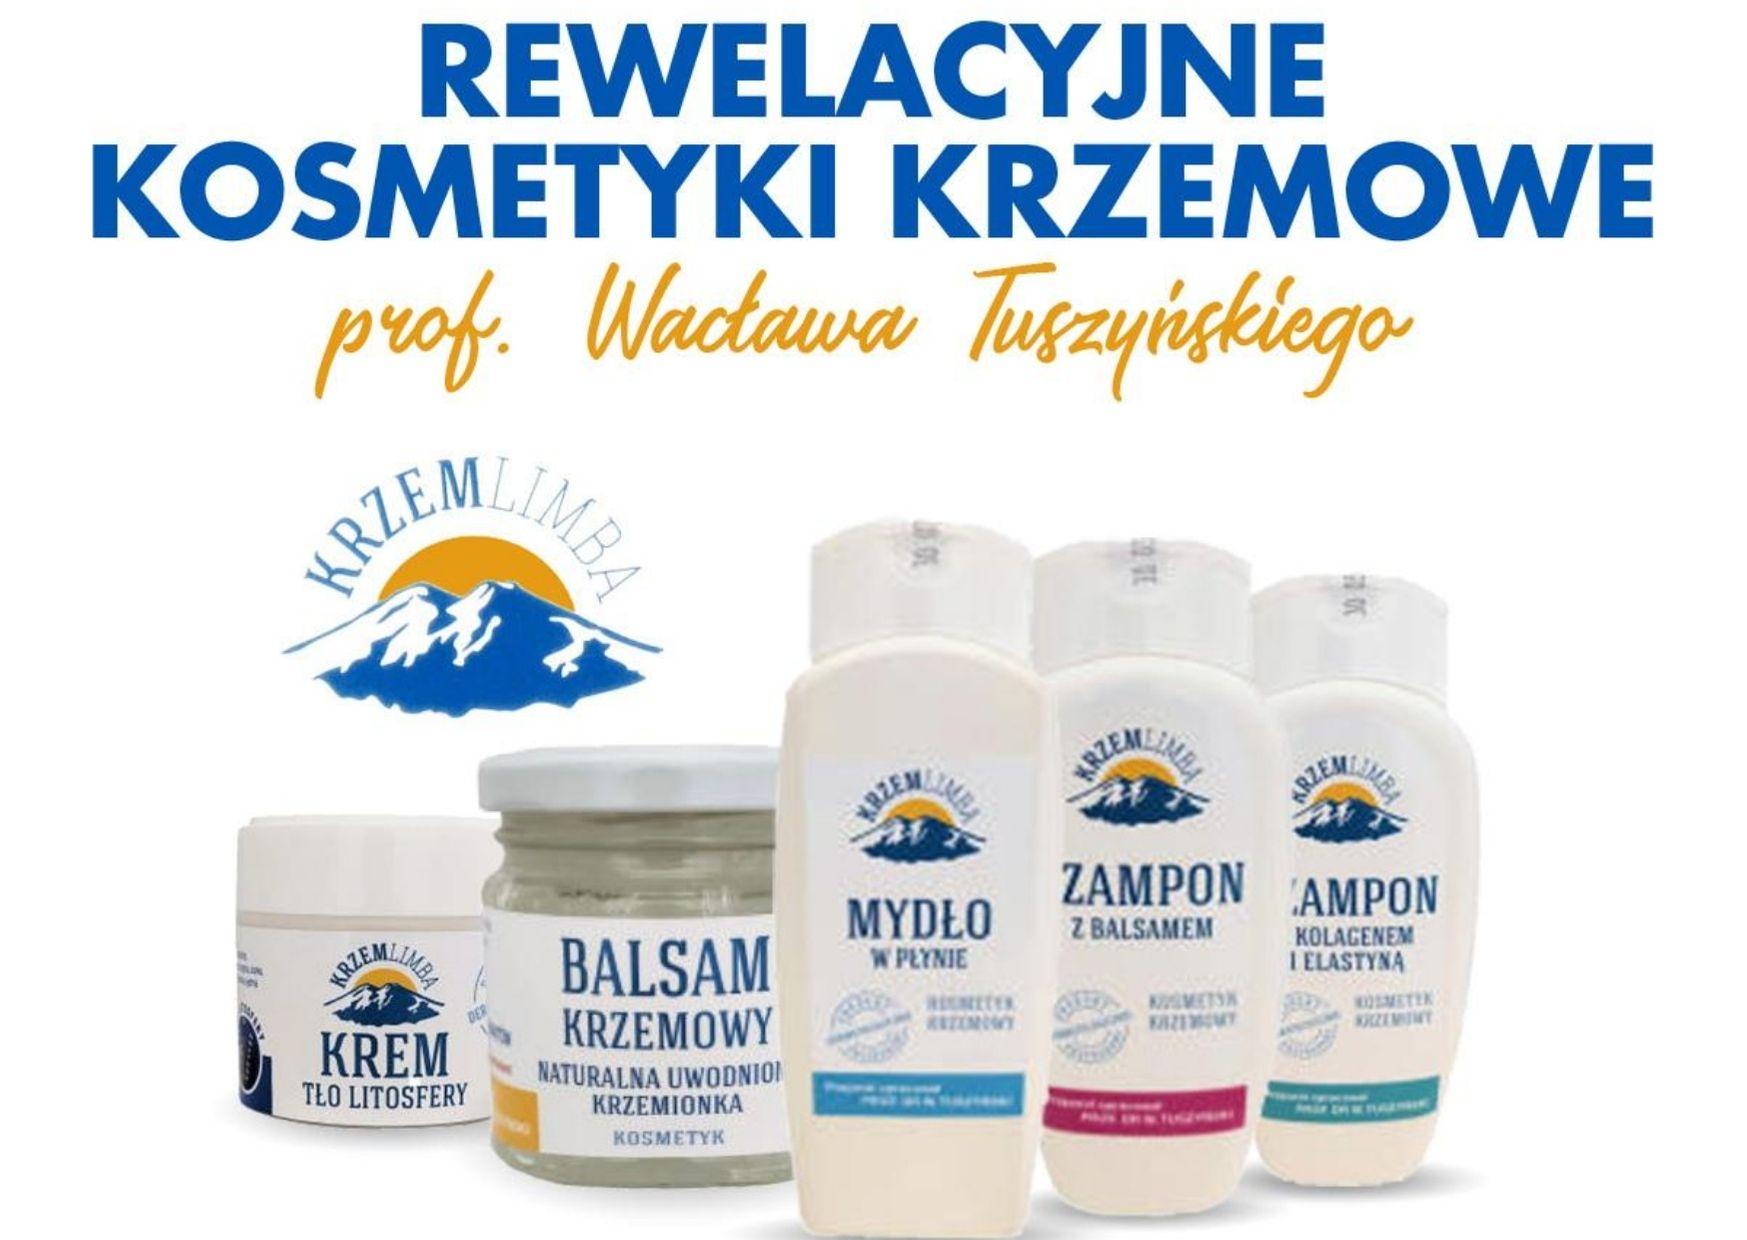 Rewelacyjne kosmetyki krzemowe prof. Tuszyńskiego